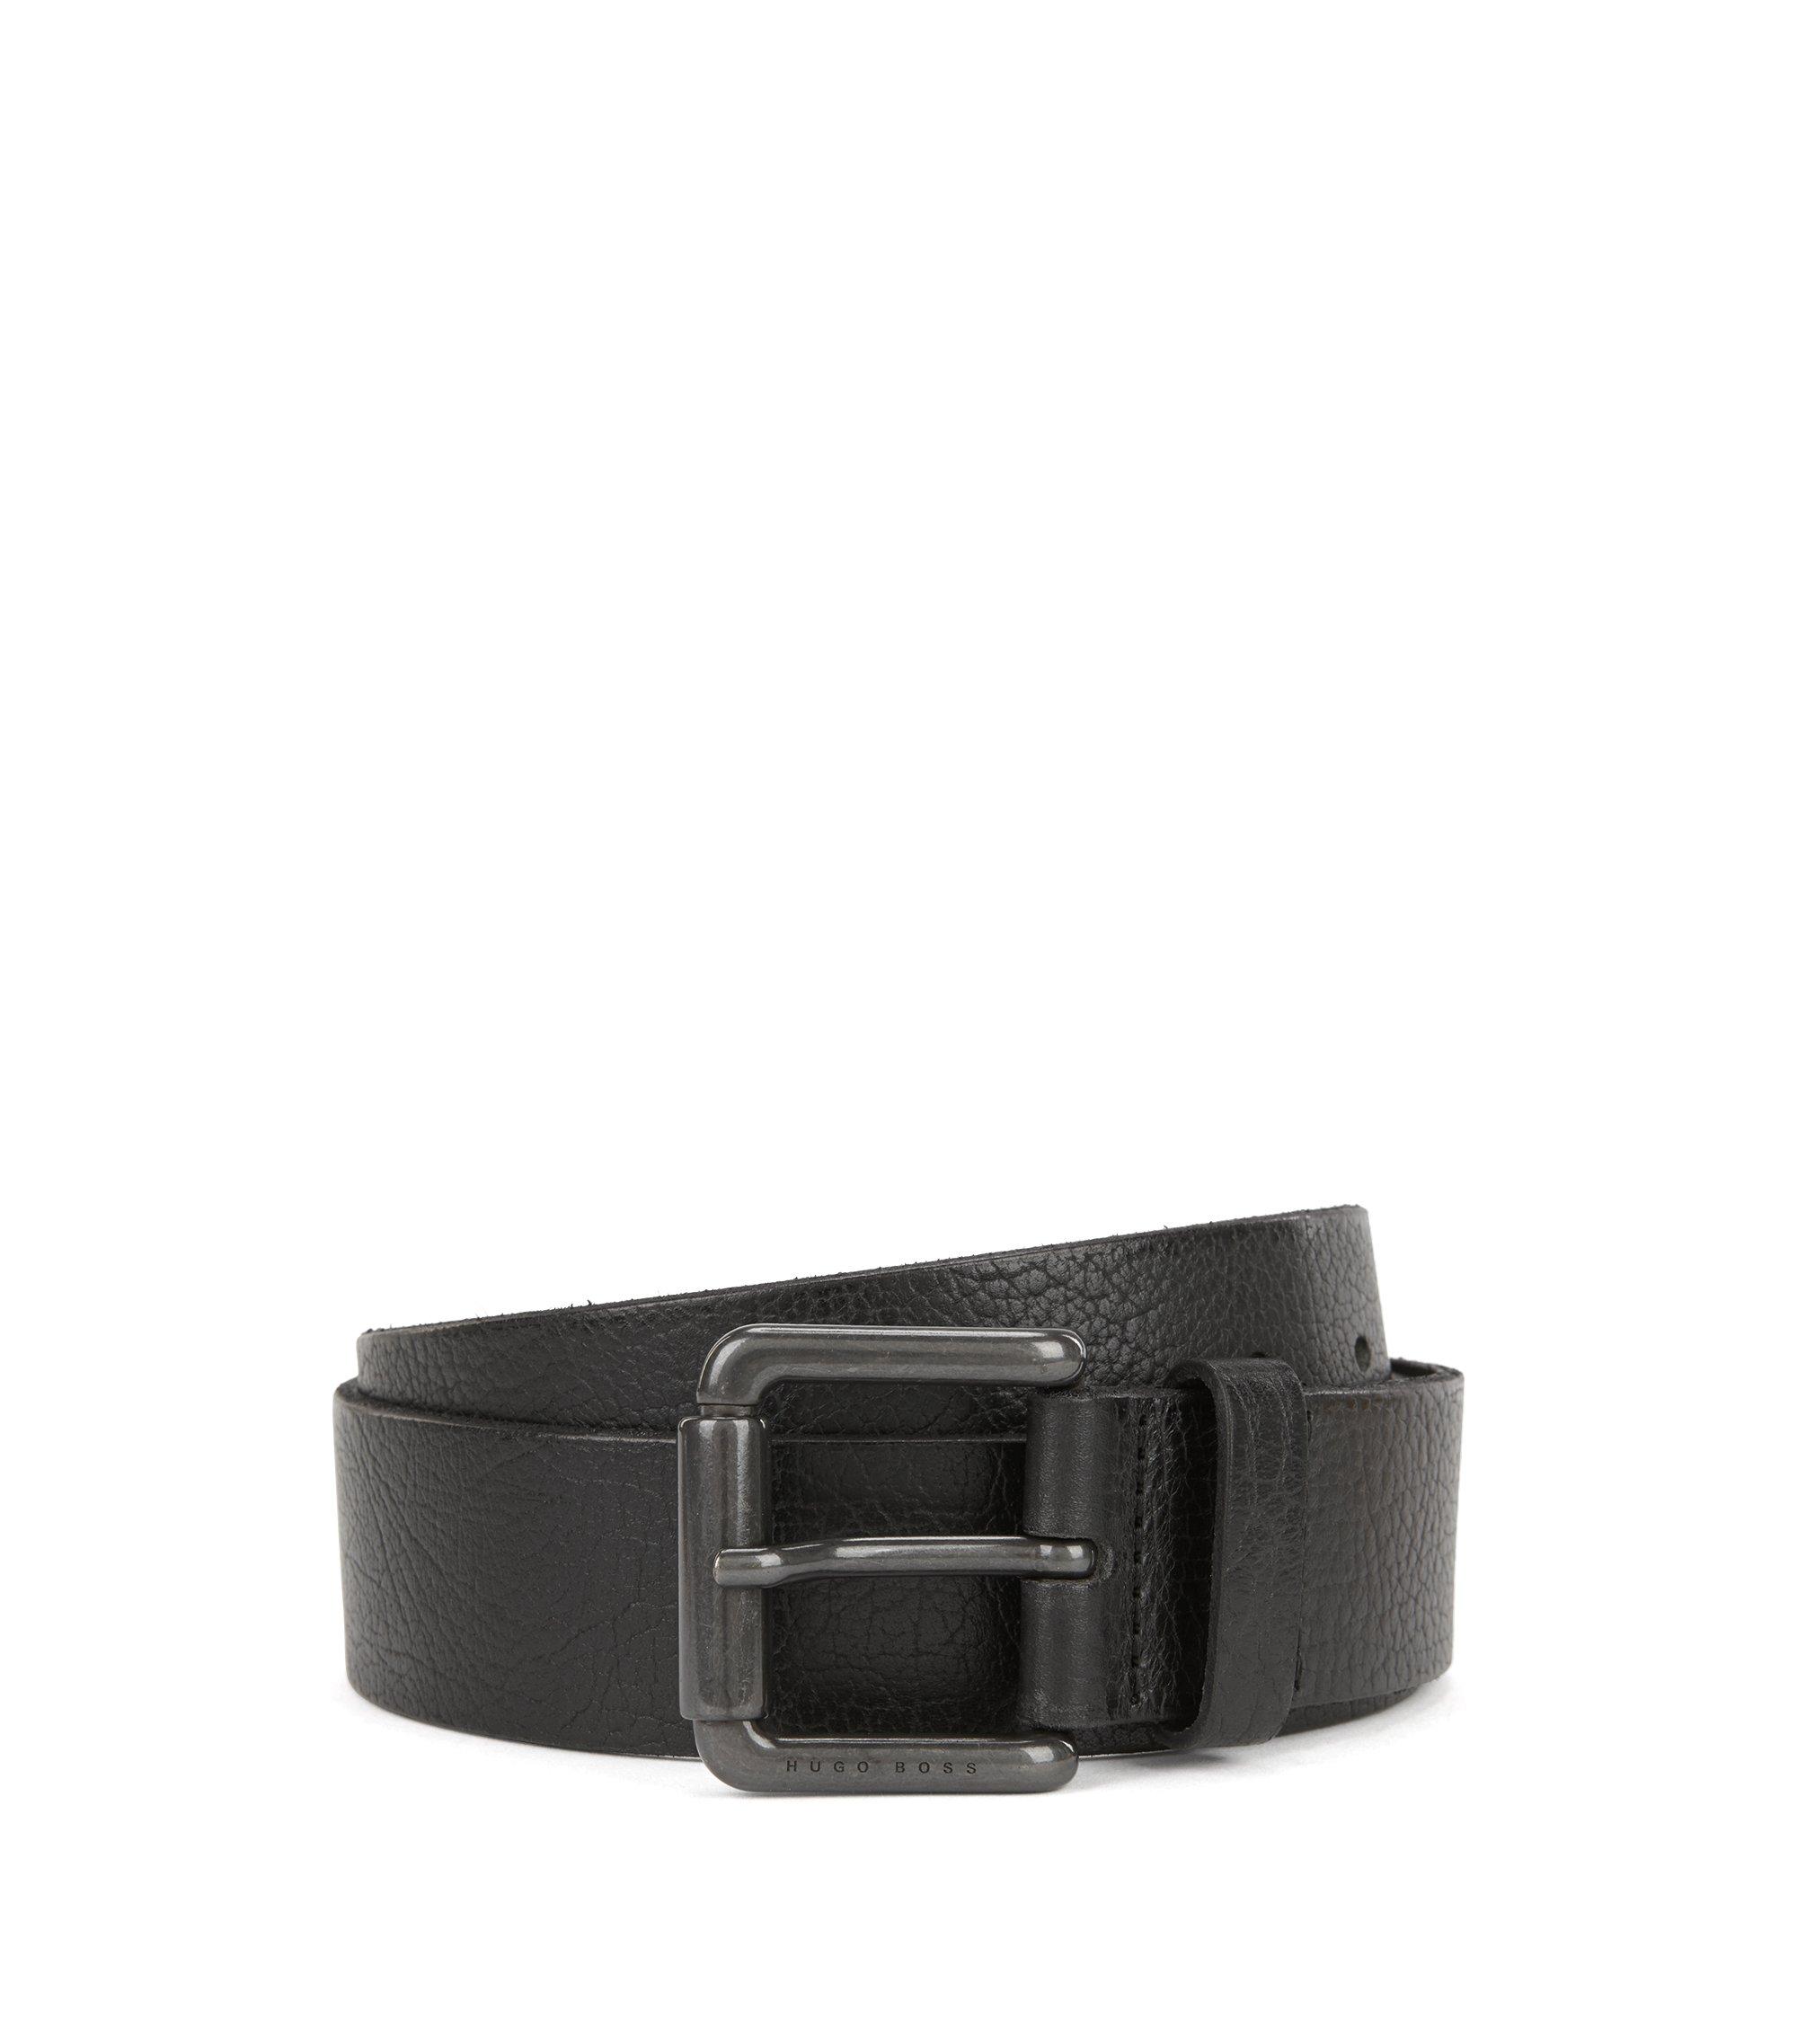 Cinturón de piel granulada con hebilla corredera de metal pesado, Negro